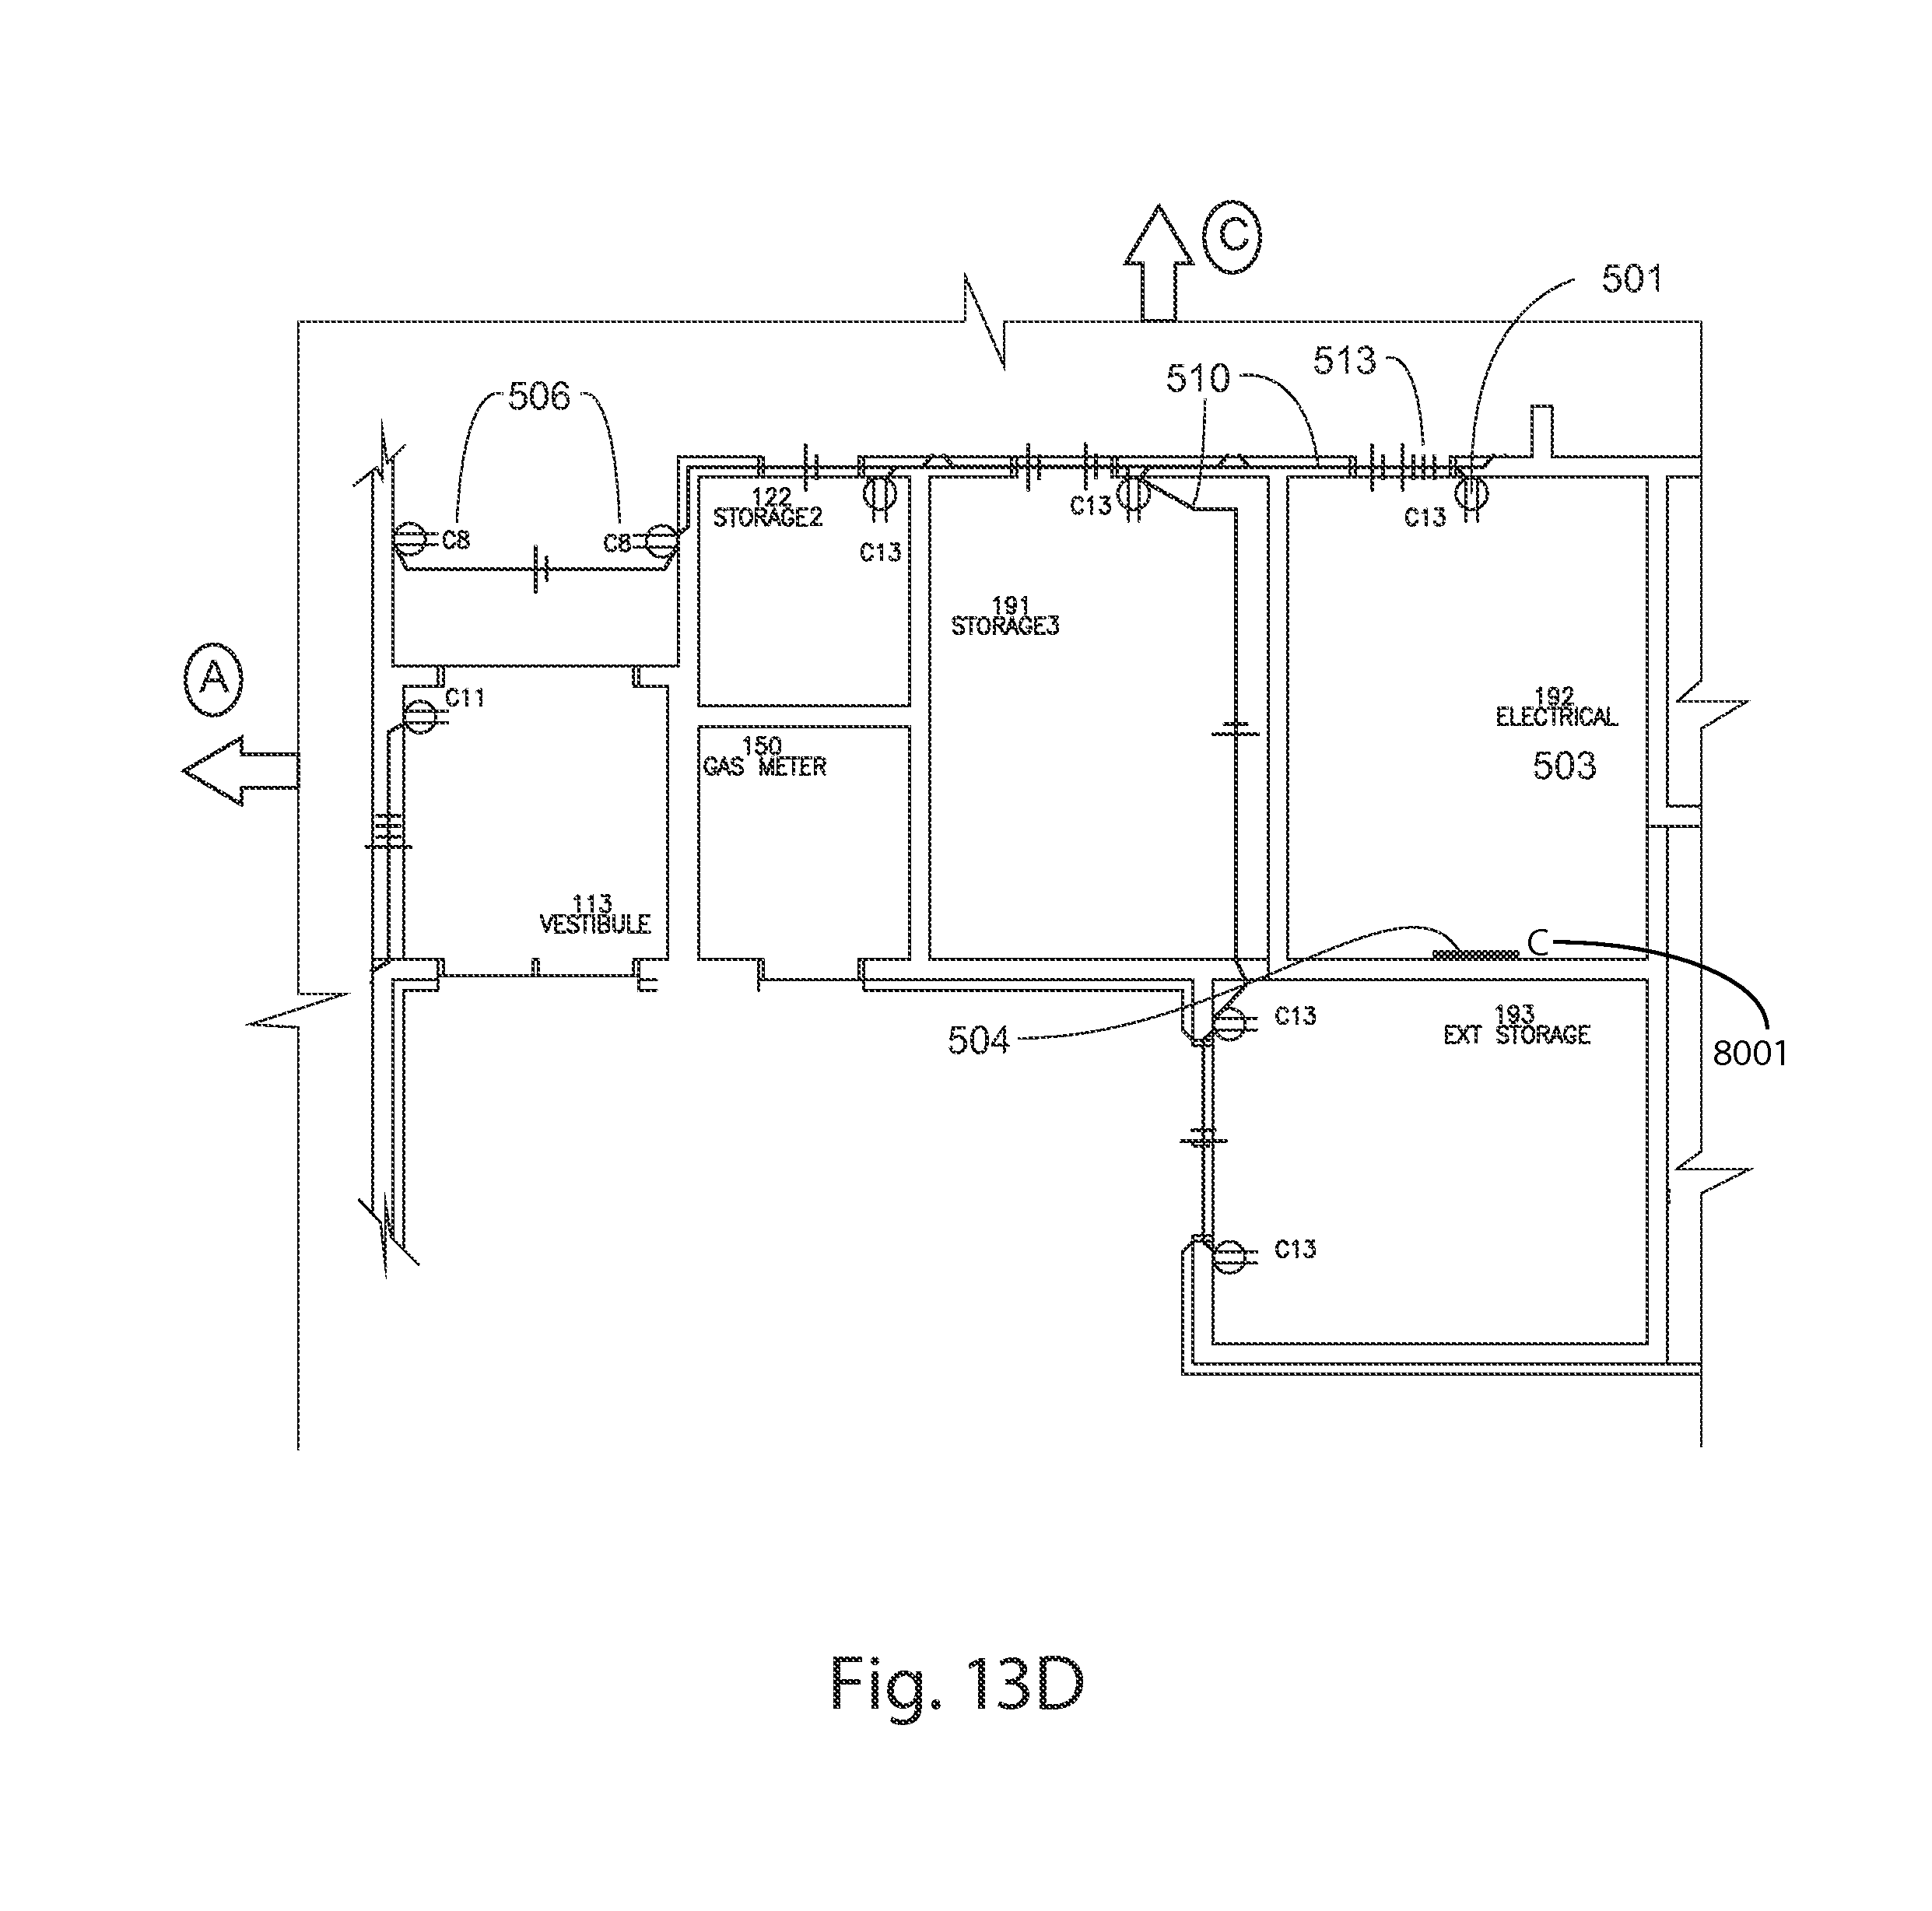 208v receptacle wiring diagram 208v image wiring showing post media for 208v outlet symbol symbolsnet com on 208v receptacle wiring diagram